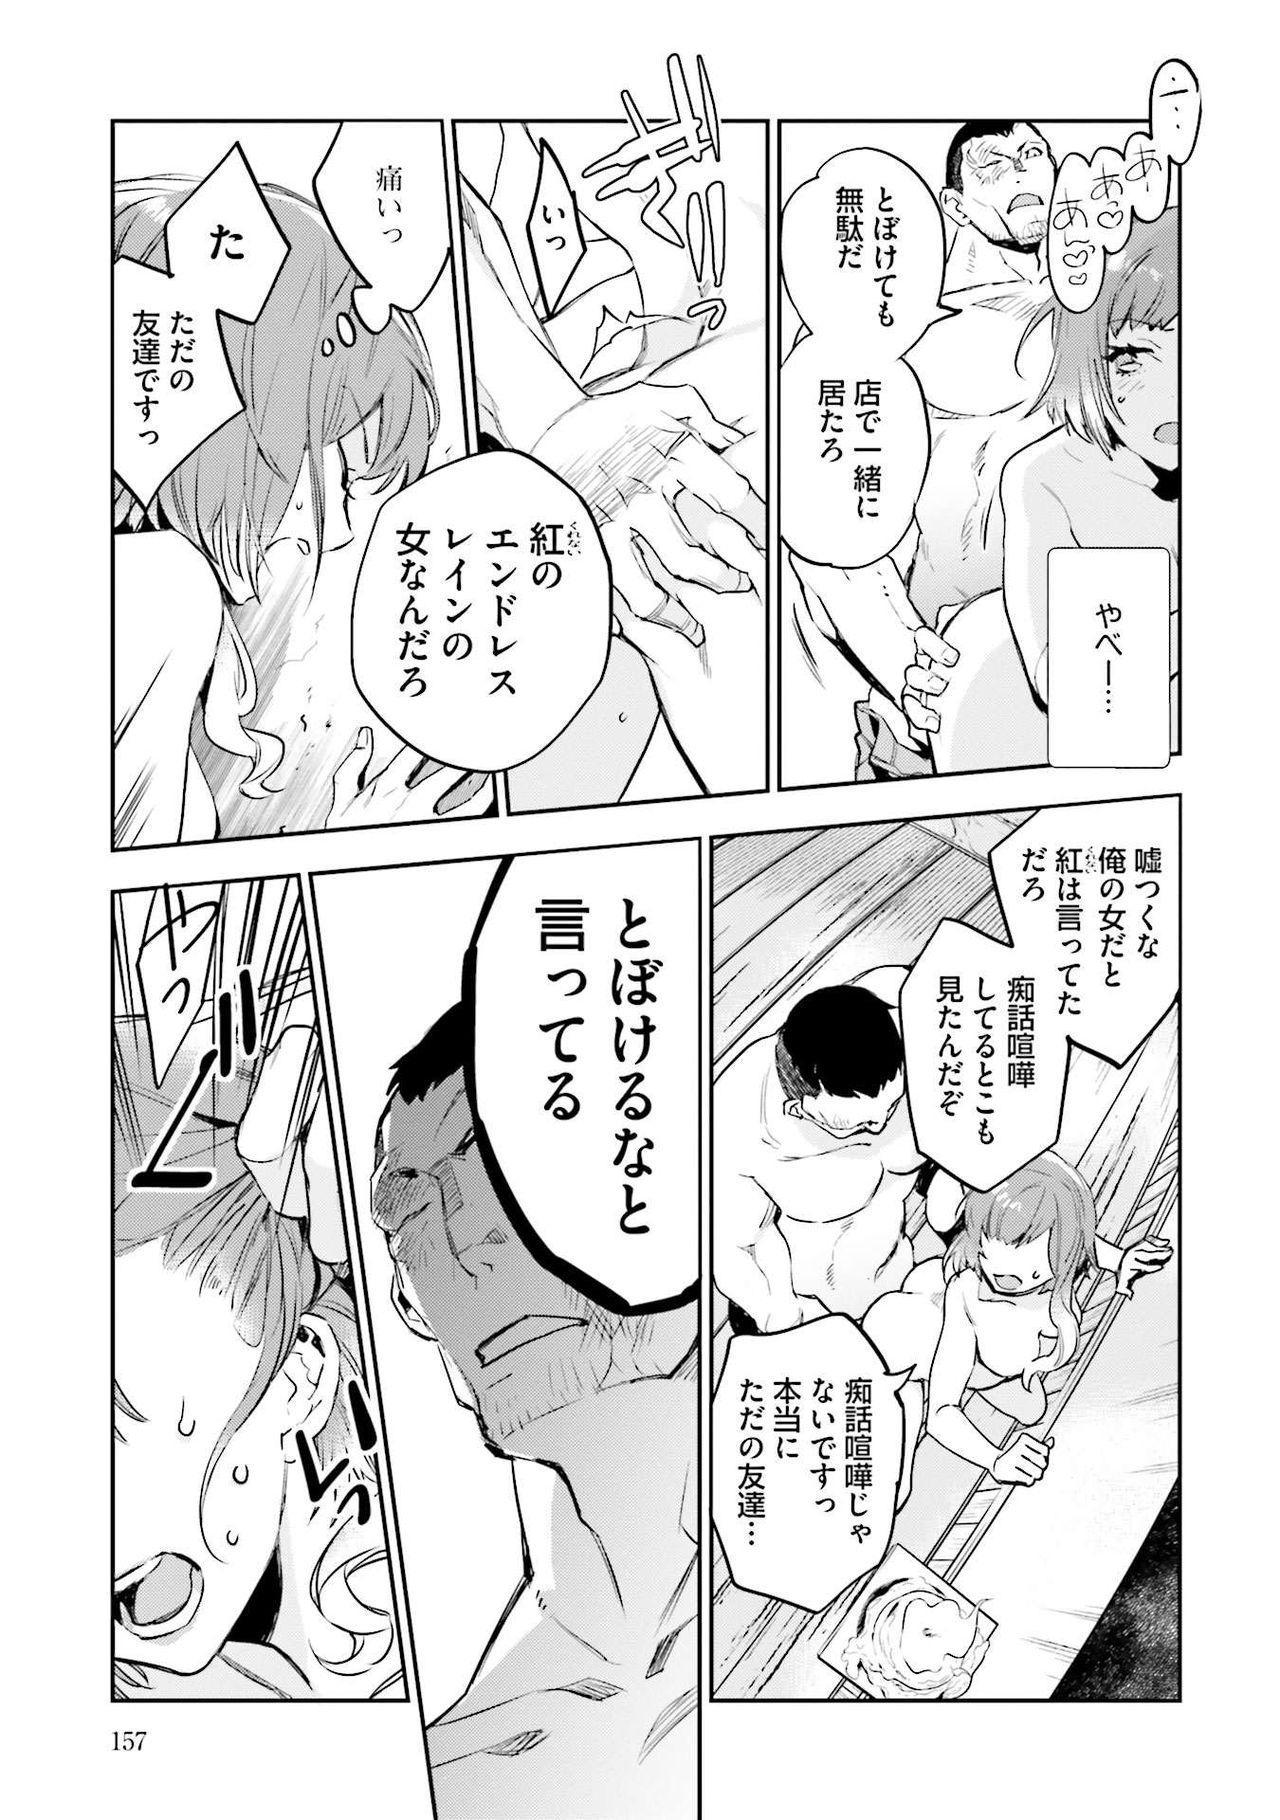 JK Haru wa Isekai de Shoufu ni Natta 1-14 158